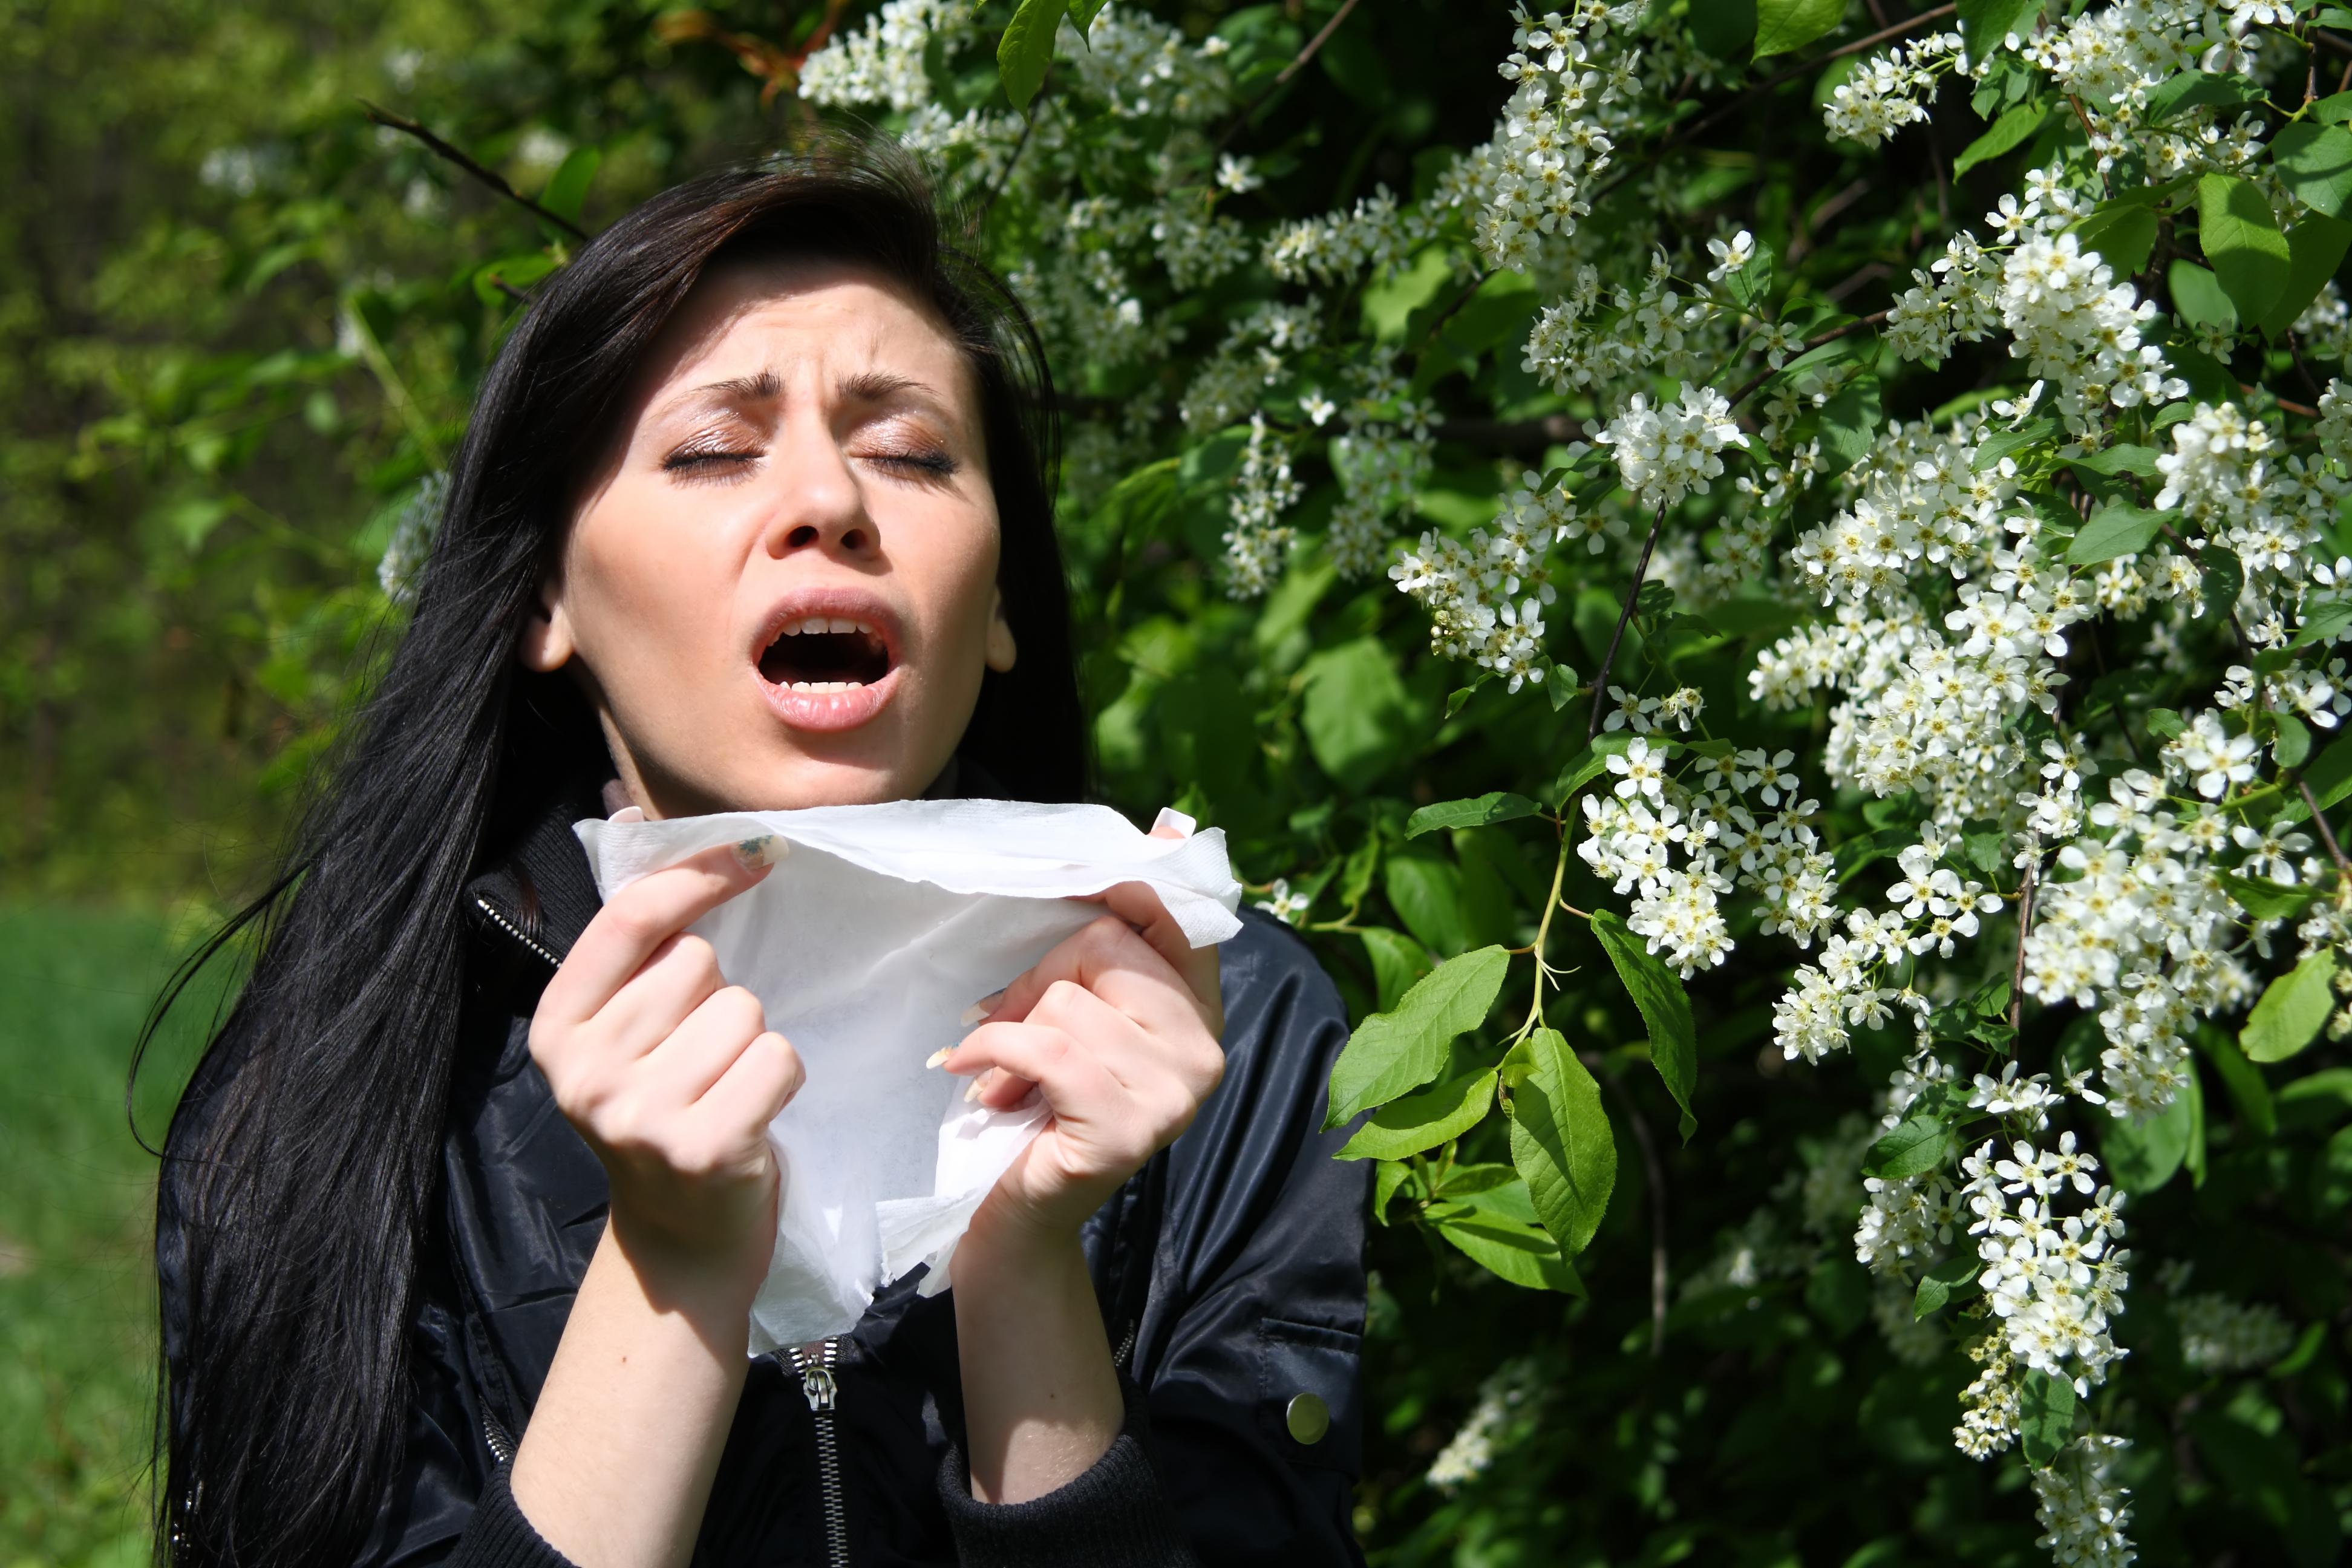 Vid nysning blåser du snabbt ut luft ur mun och näsa.